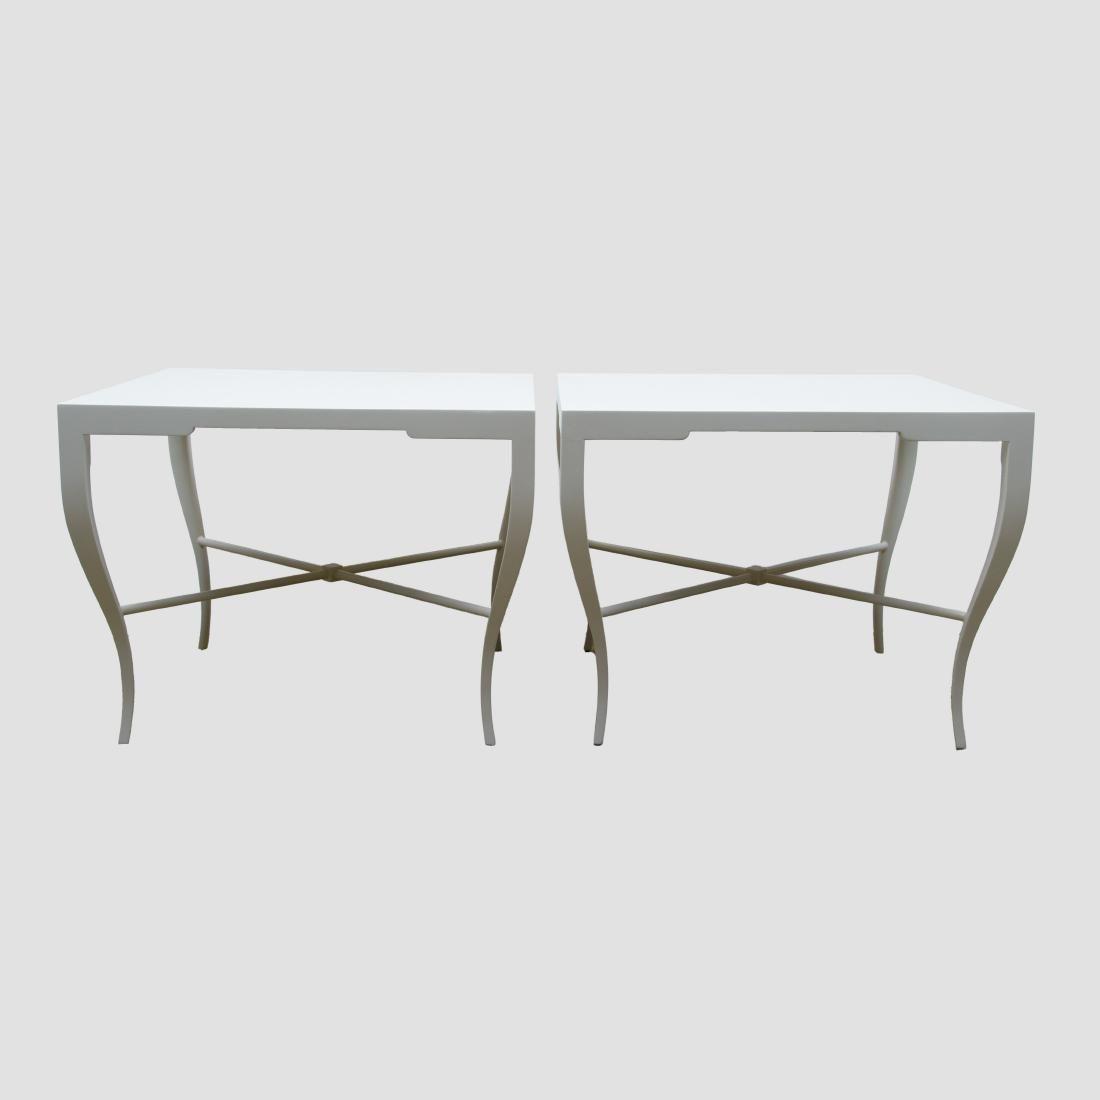 Tommi Parzinger 1960's End Tables